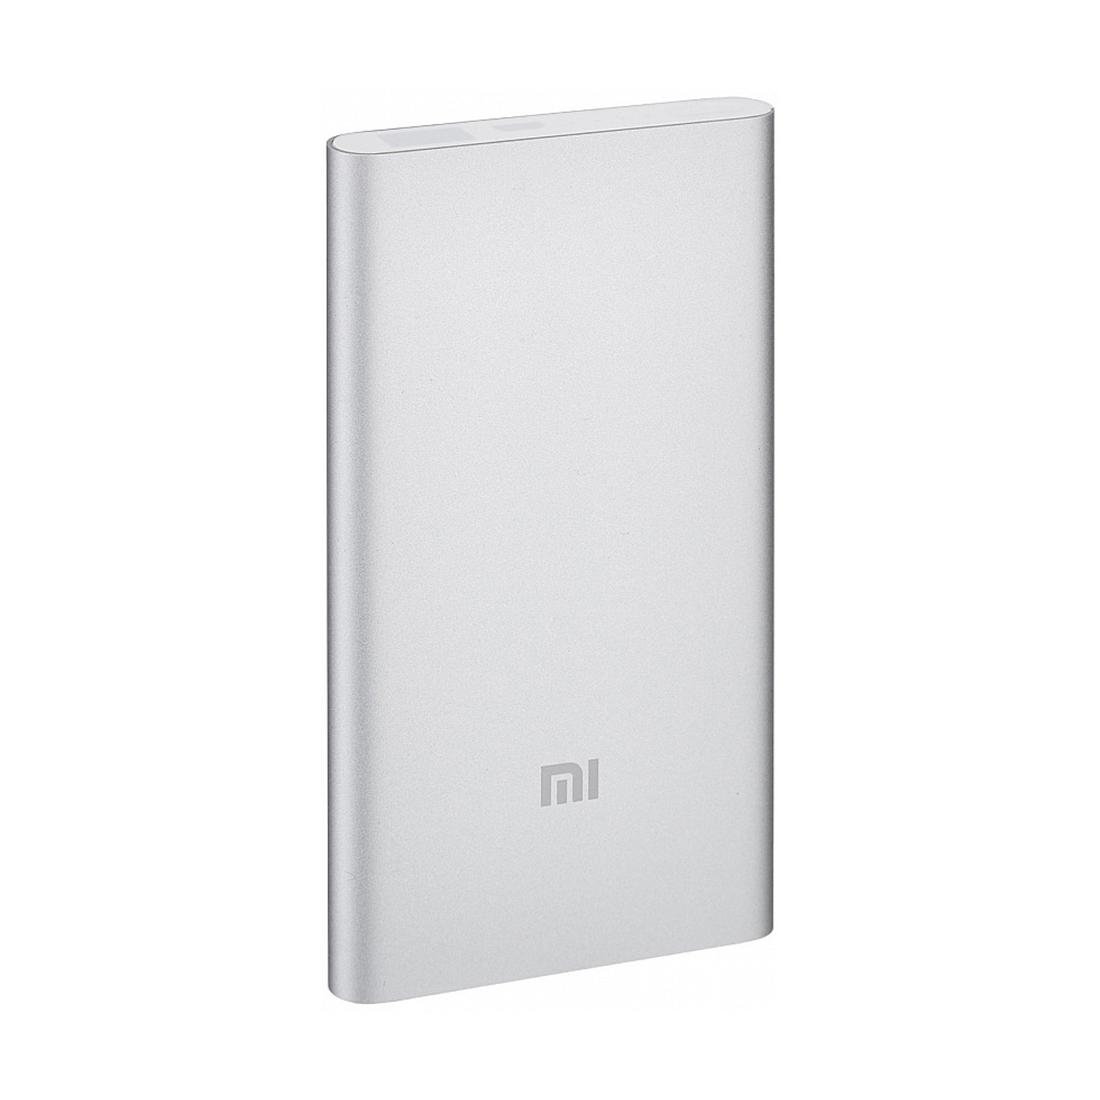 Портативное зарядное устройство Xiaomi Mi Power Bank 5000mAh V2 (2018) Серебристый